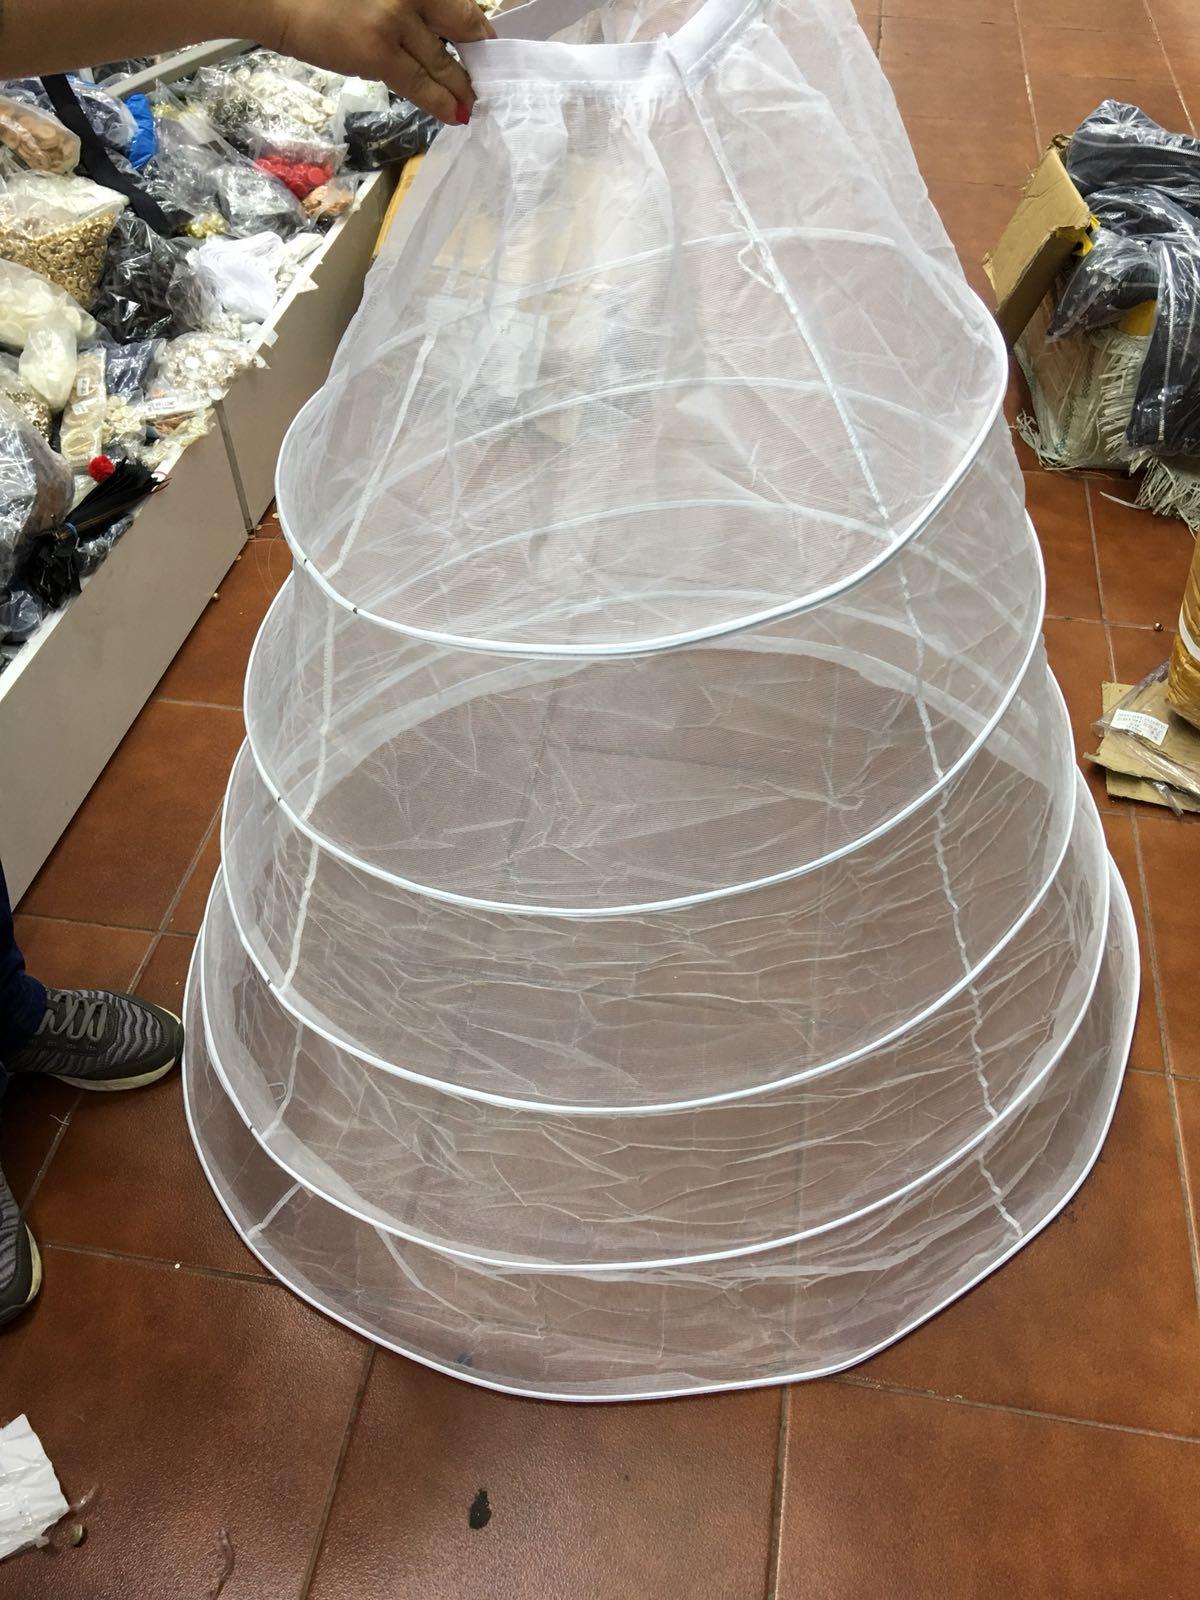 Crinolina rochii 5 cercuri pret